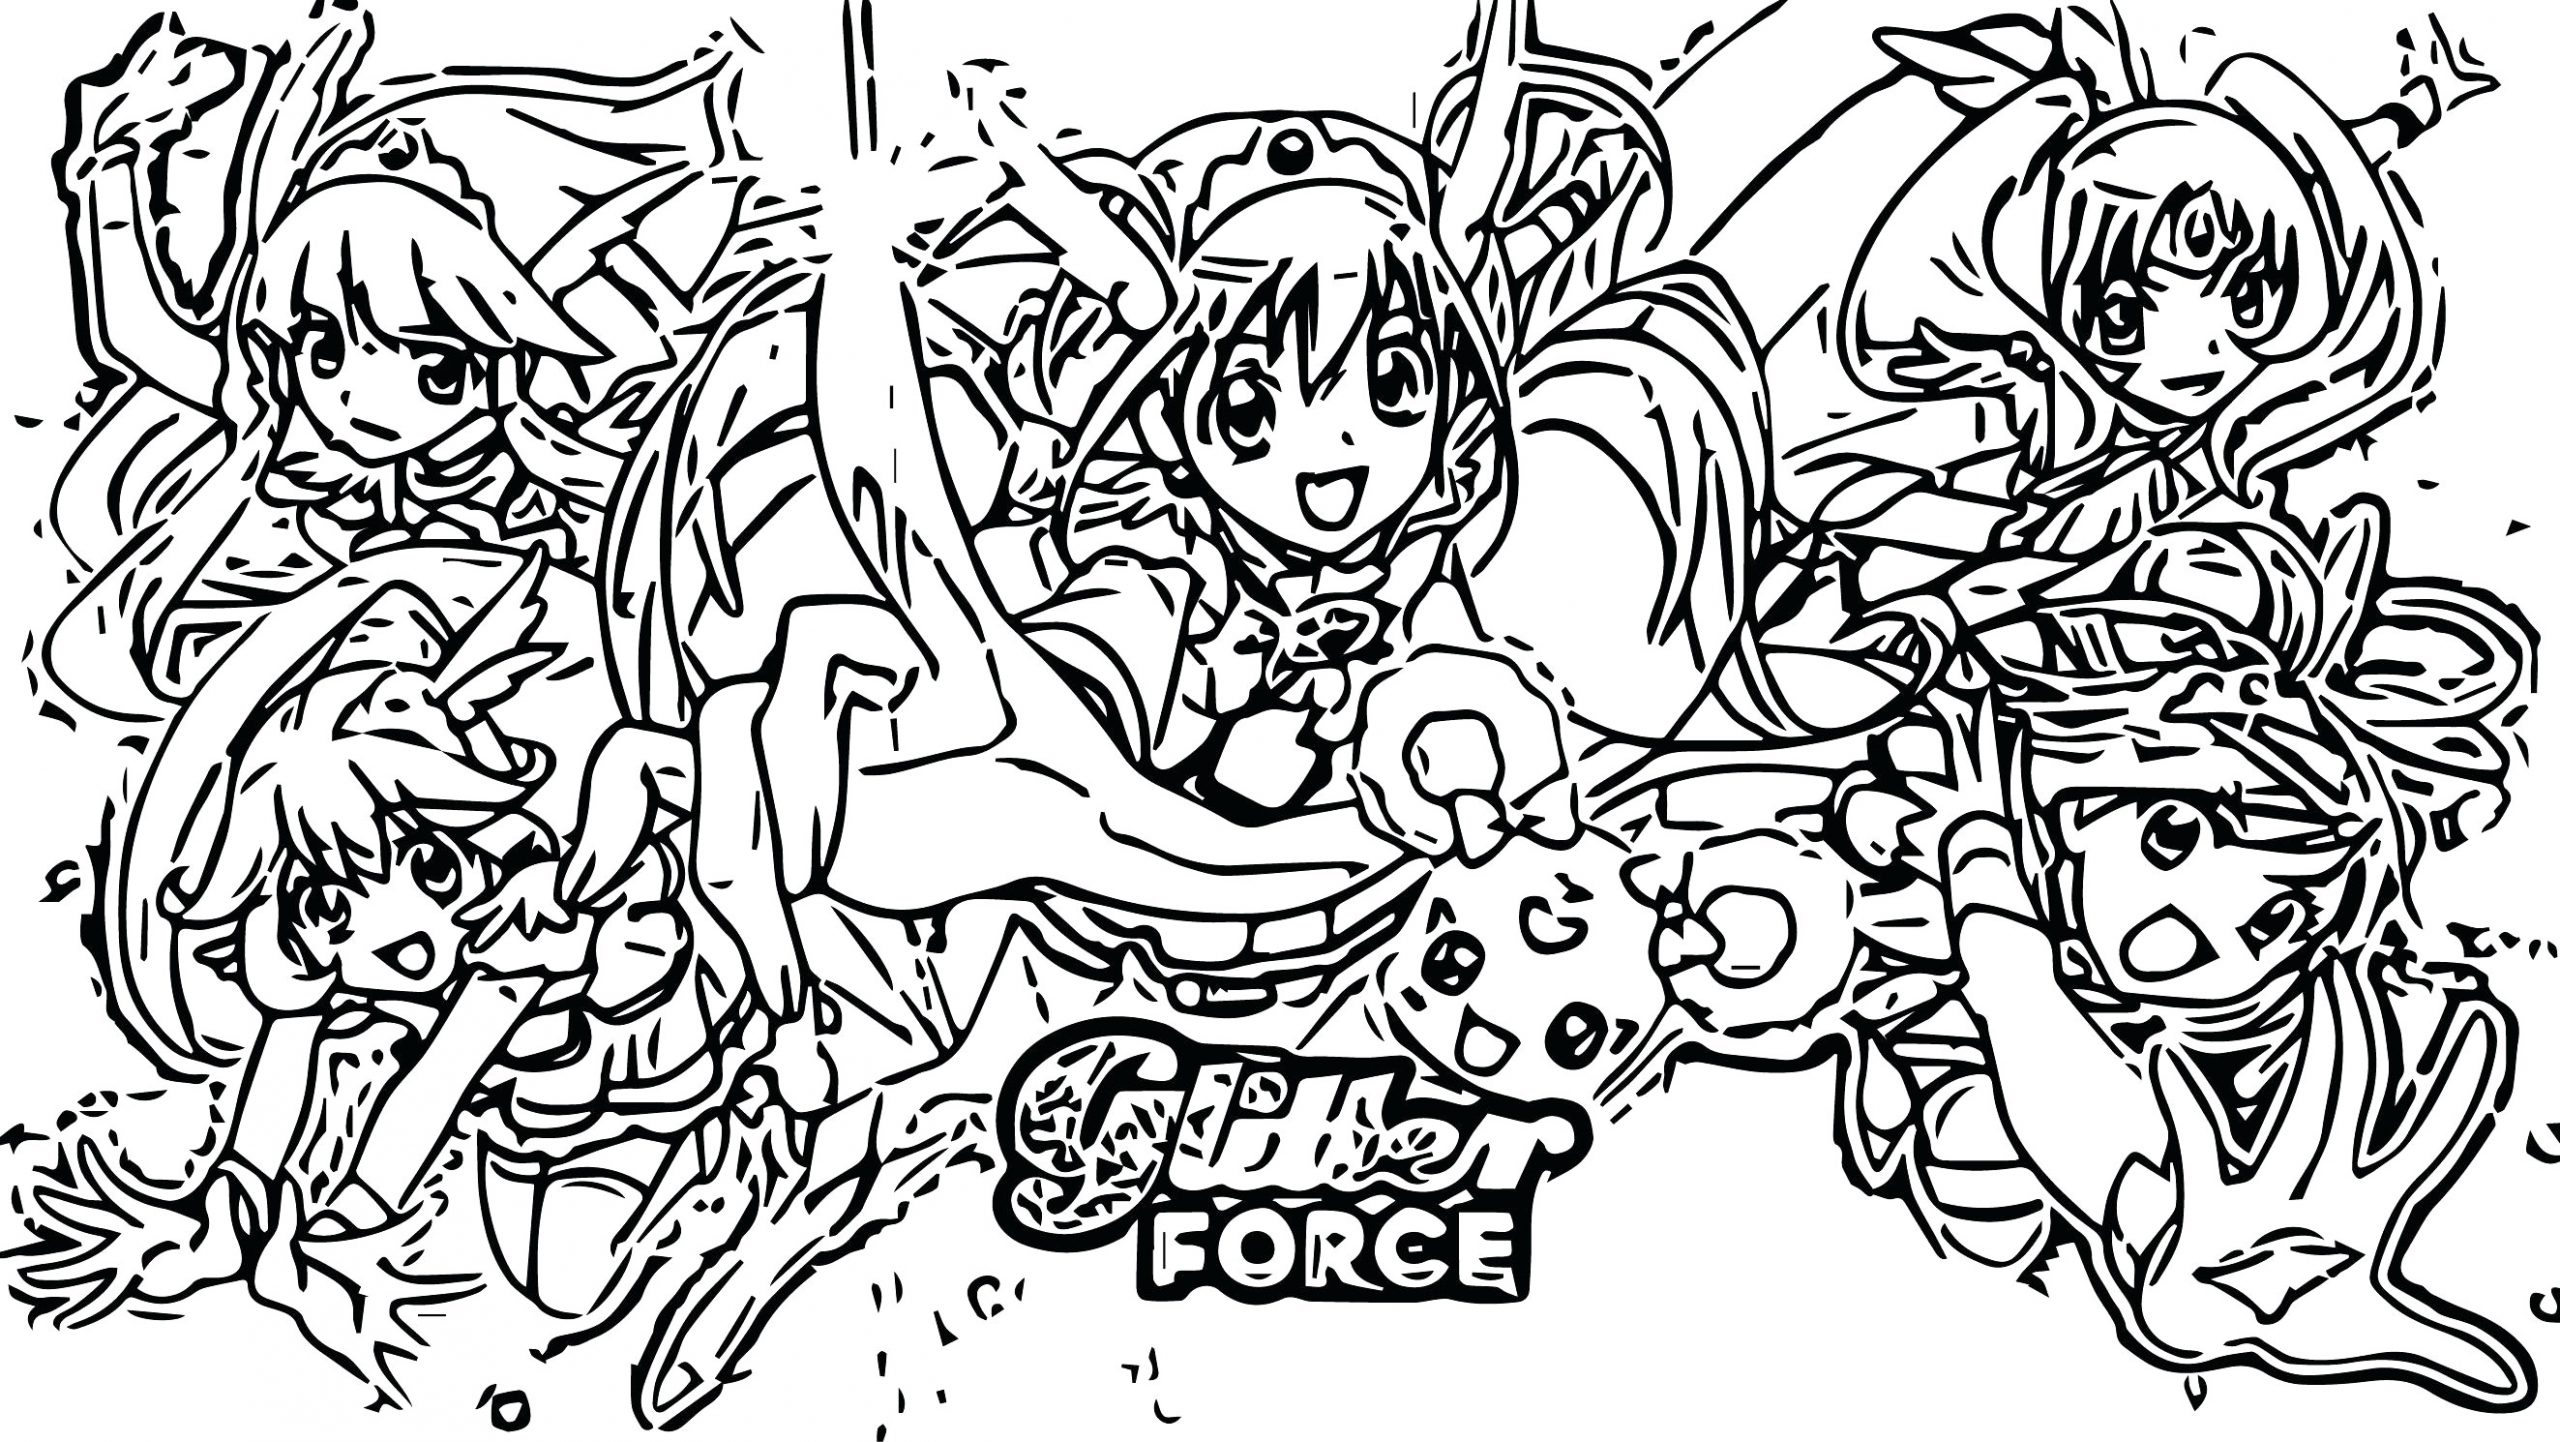 Suunnittelu 10 from Glitter Force värityskuvat tulostaa ja värittää